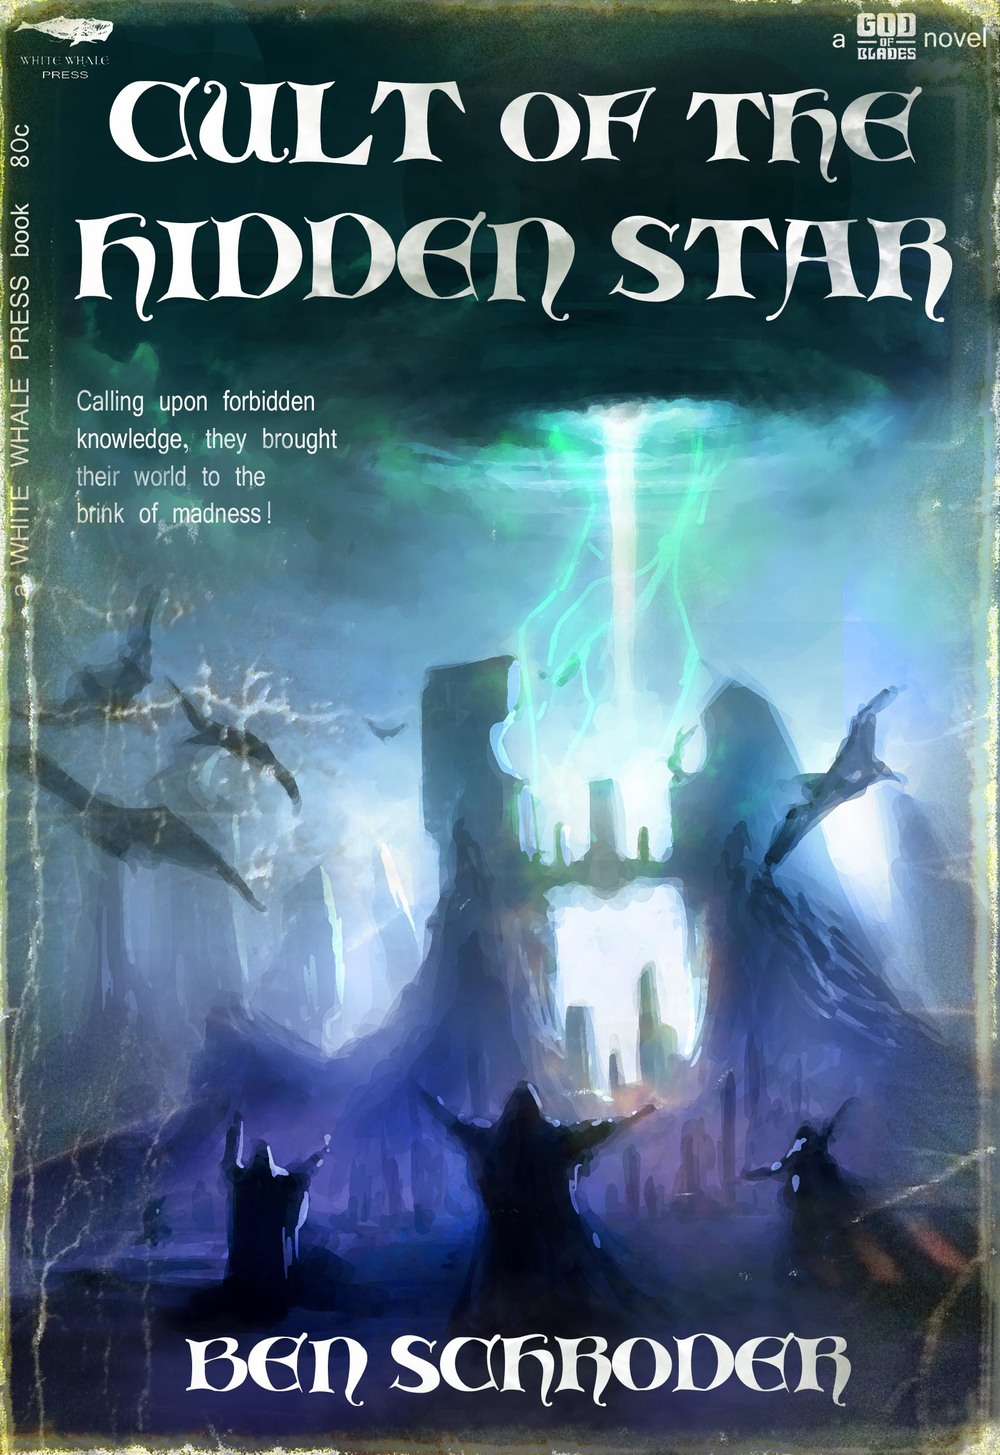 cult_of_the_hidden_star_flat2.jpg